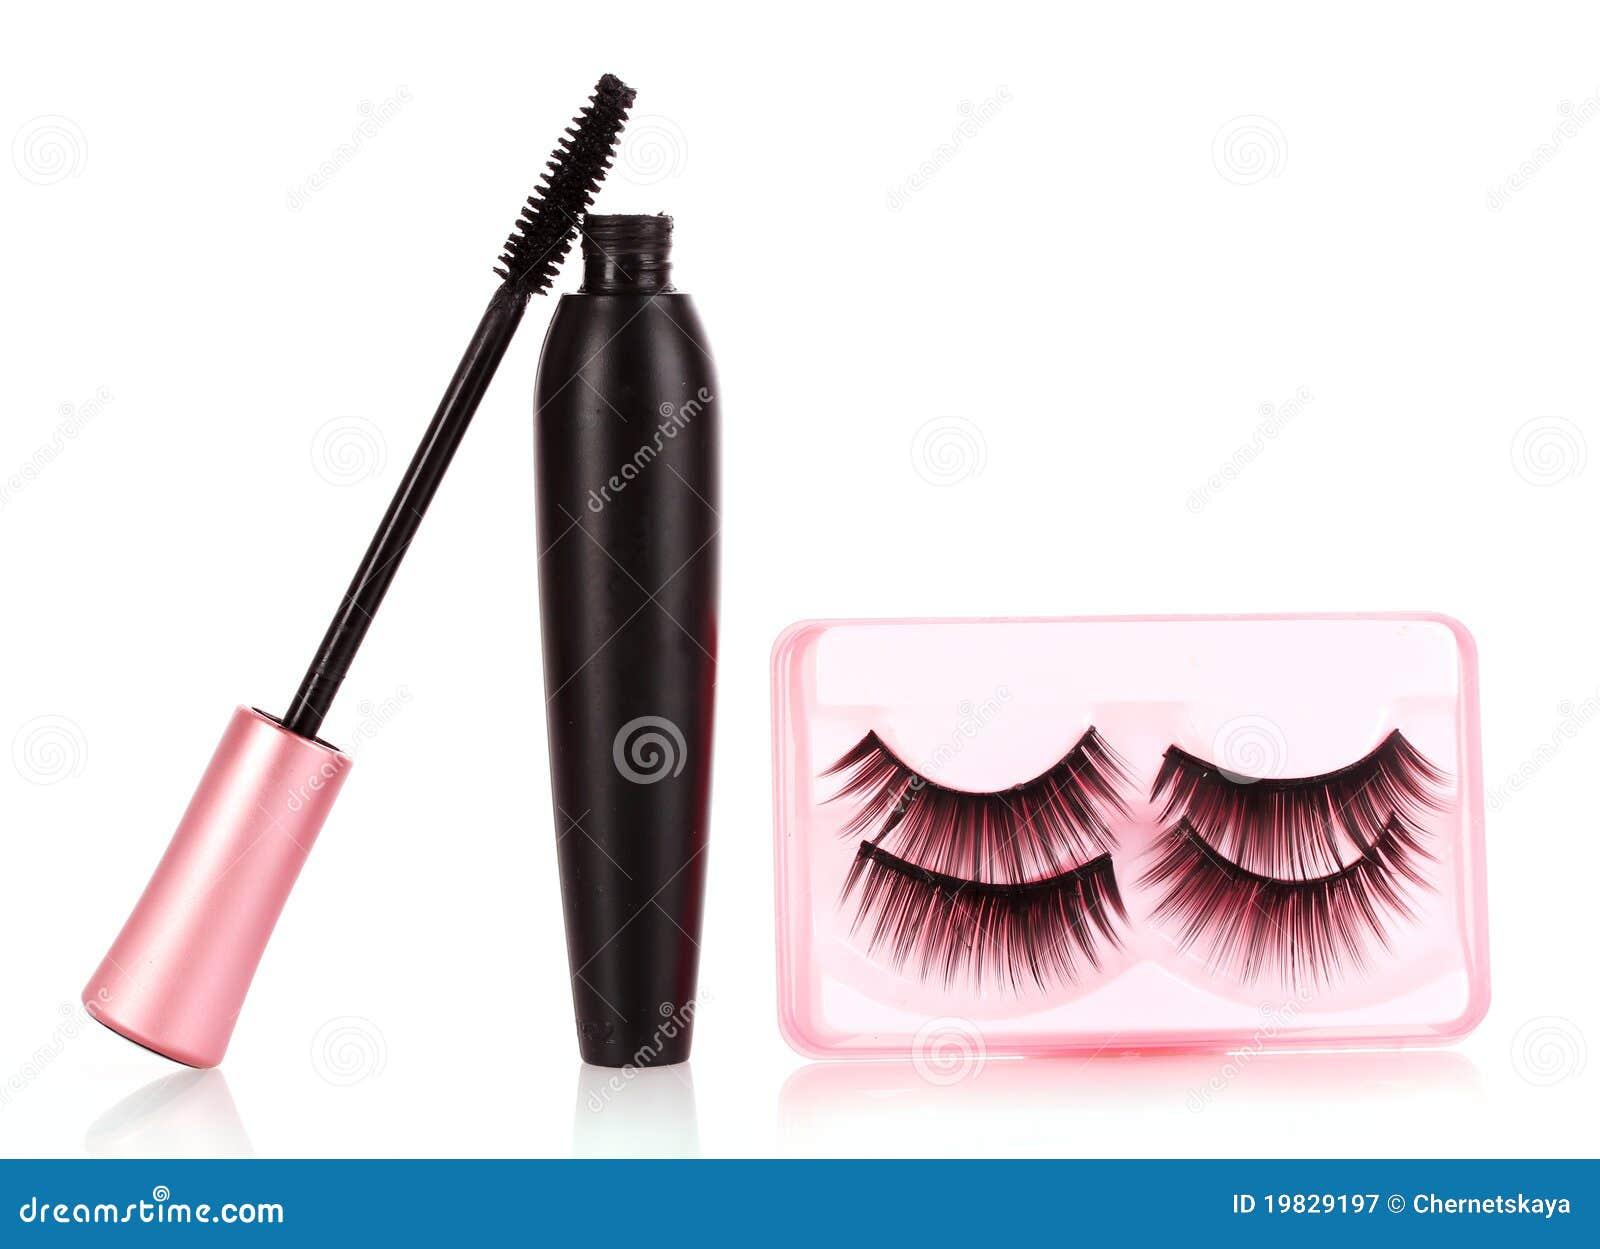 Mascara And False Eyelashes Stock Image Image Of Decorative